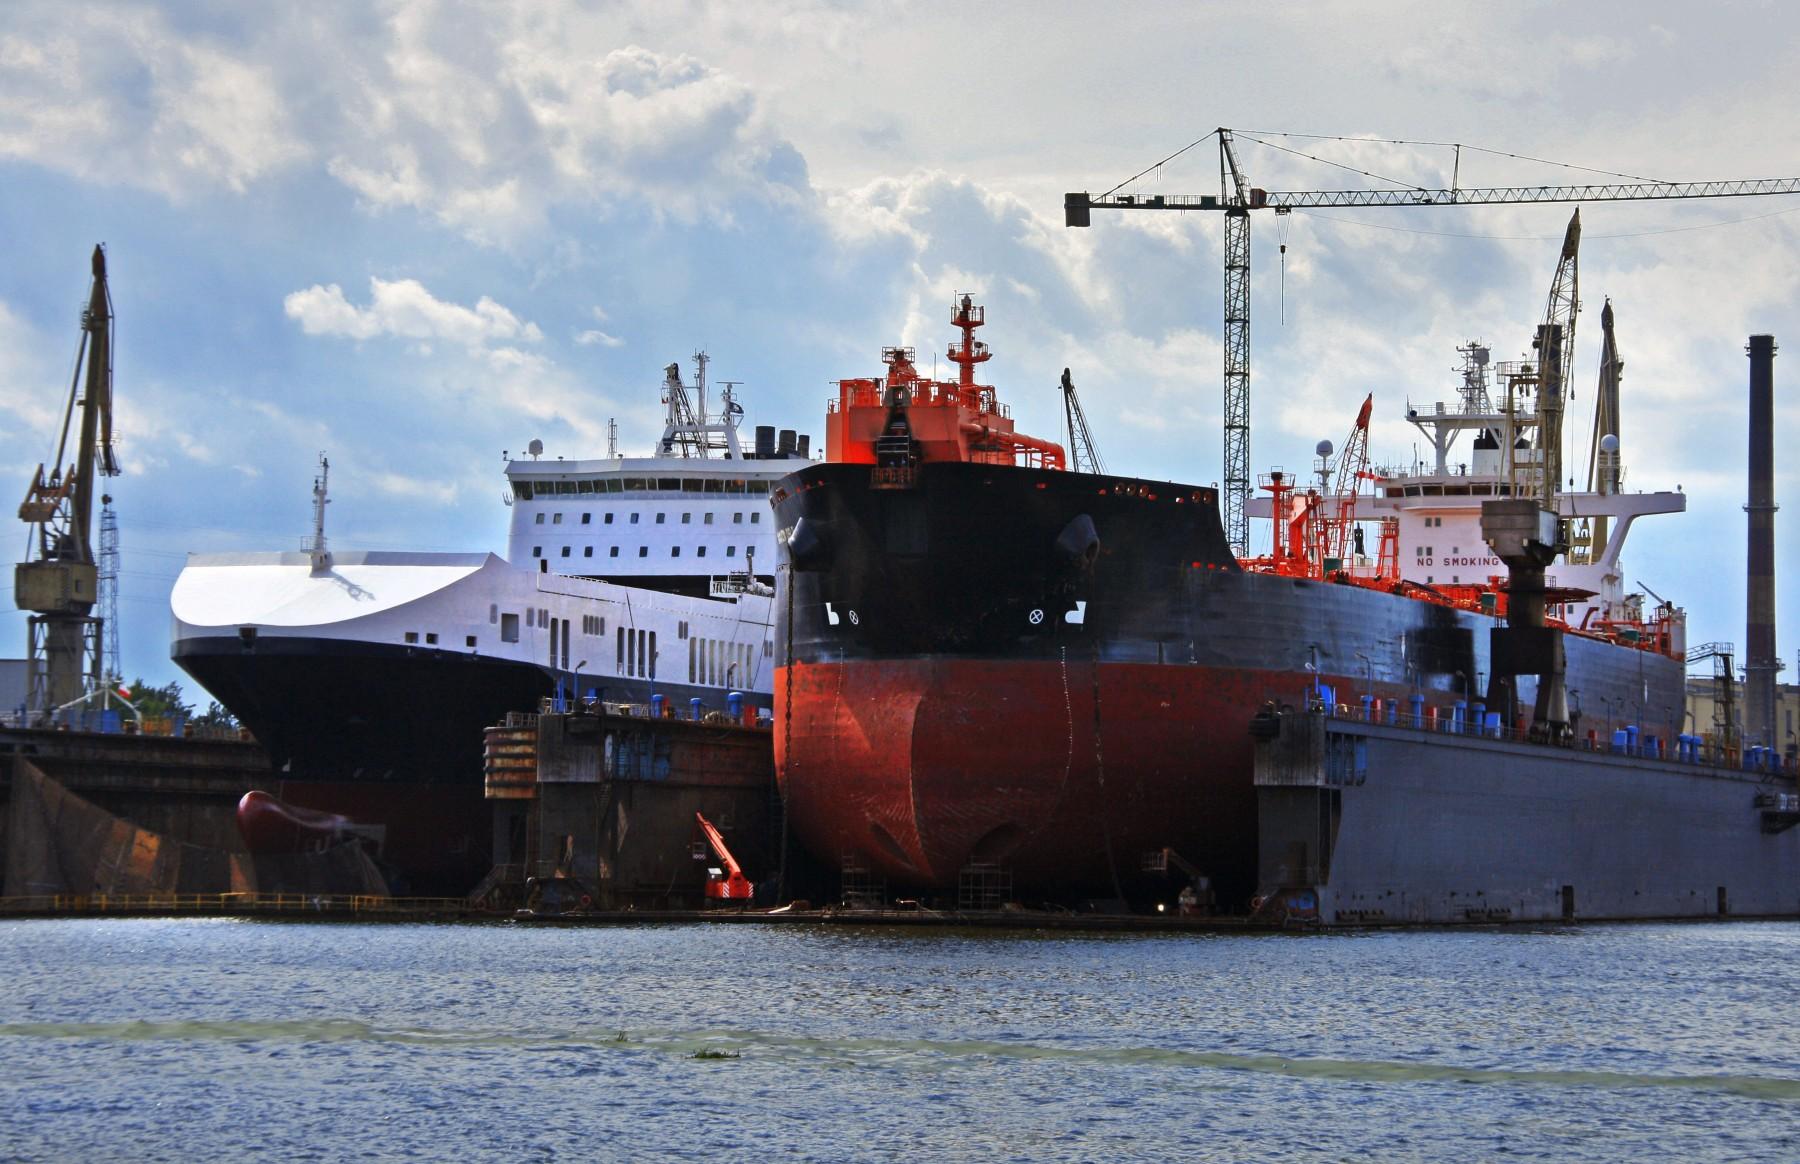 Ένωση δυνάμεων για τα δύο κορυφαία ιαπωνικά ναυπηγεία